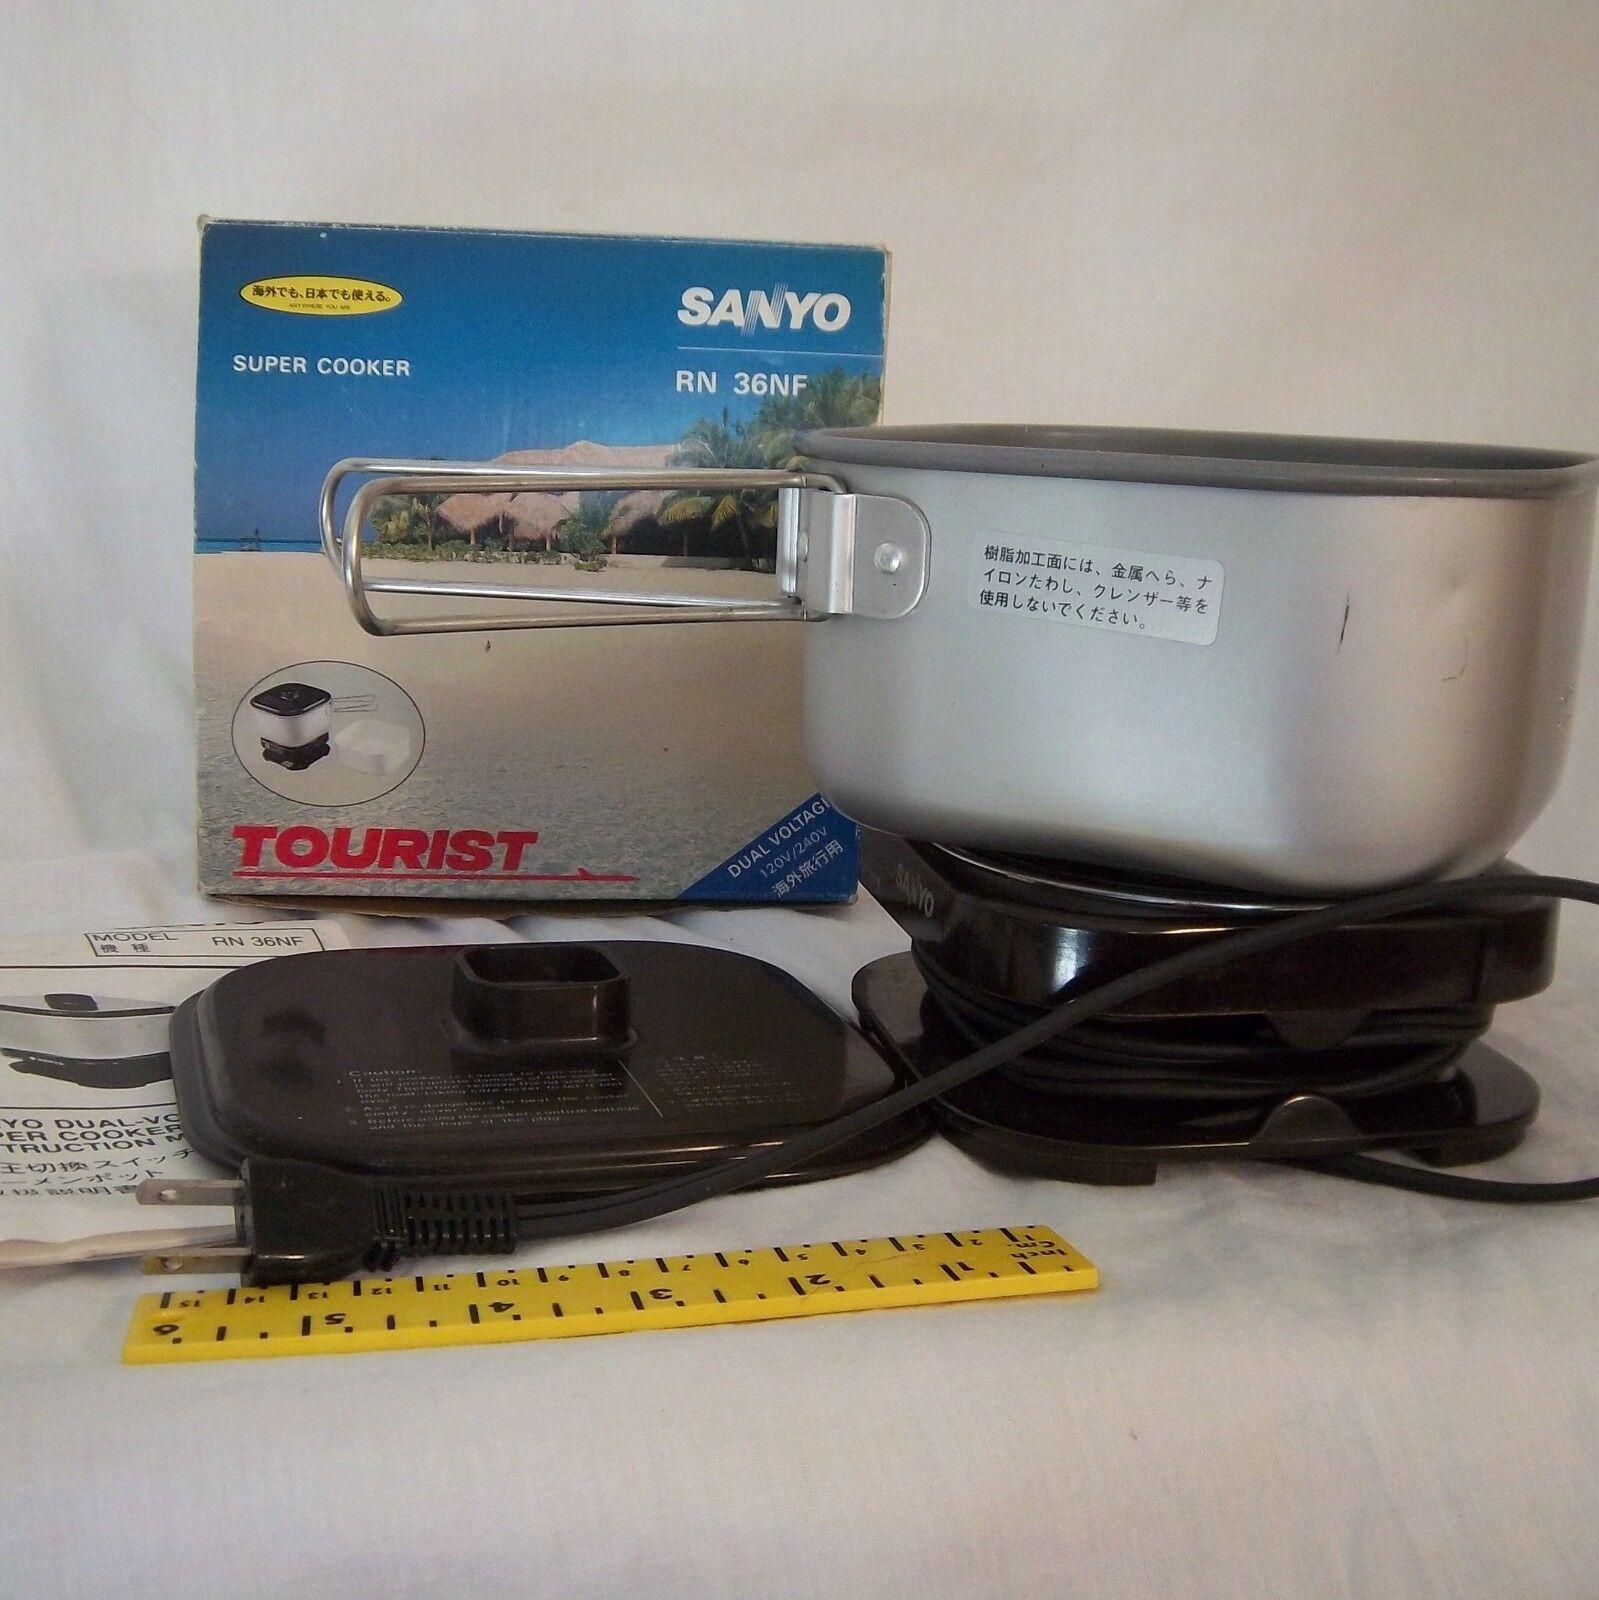 Vintage Sanyo Tourist Super Cooker Dual Voltage 120v 240v RN36NF Dorm